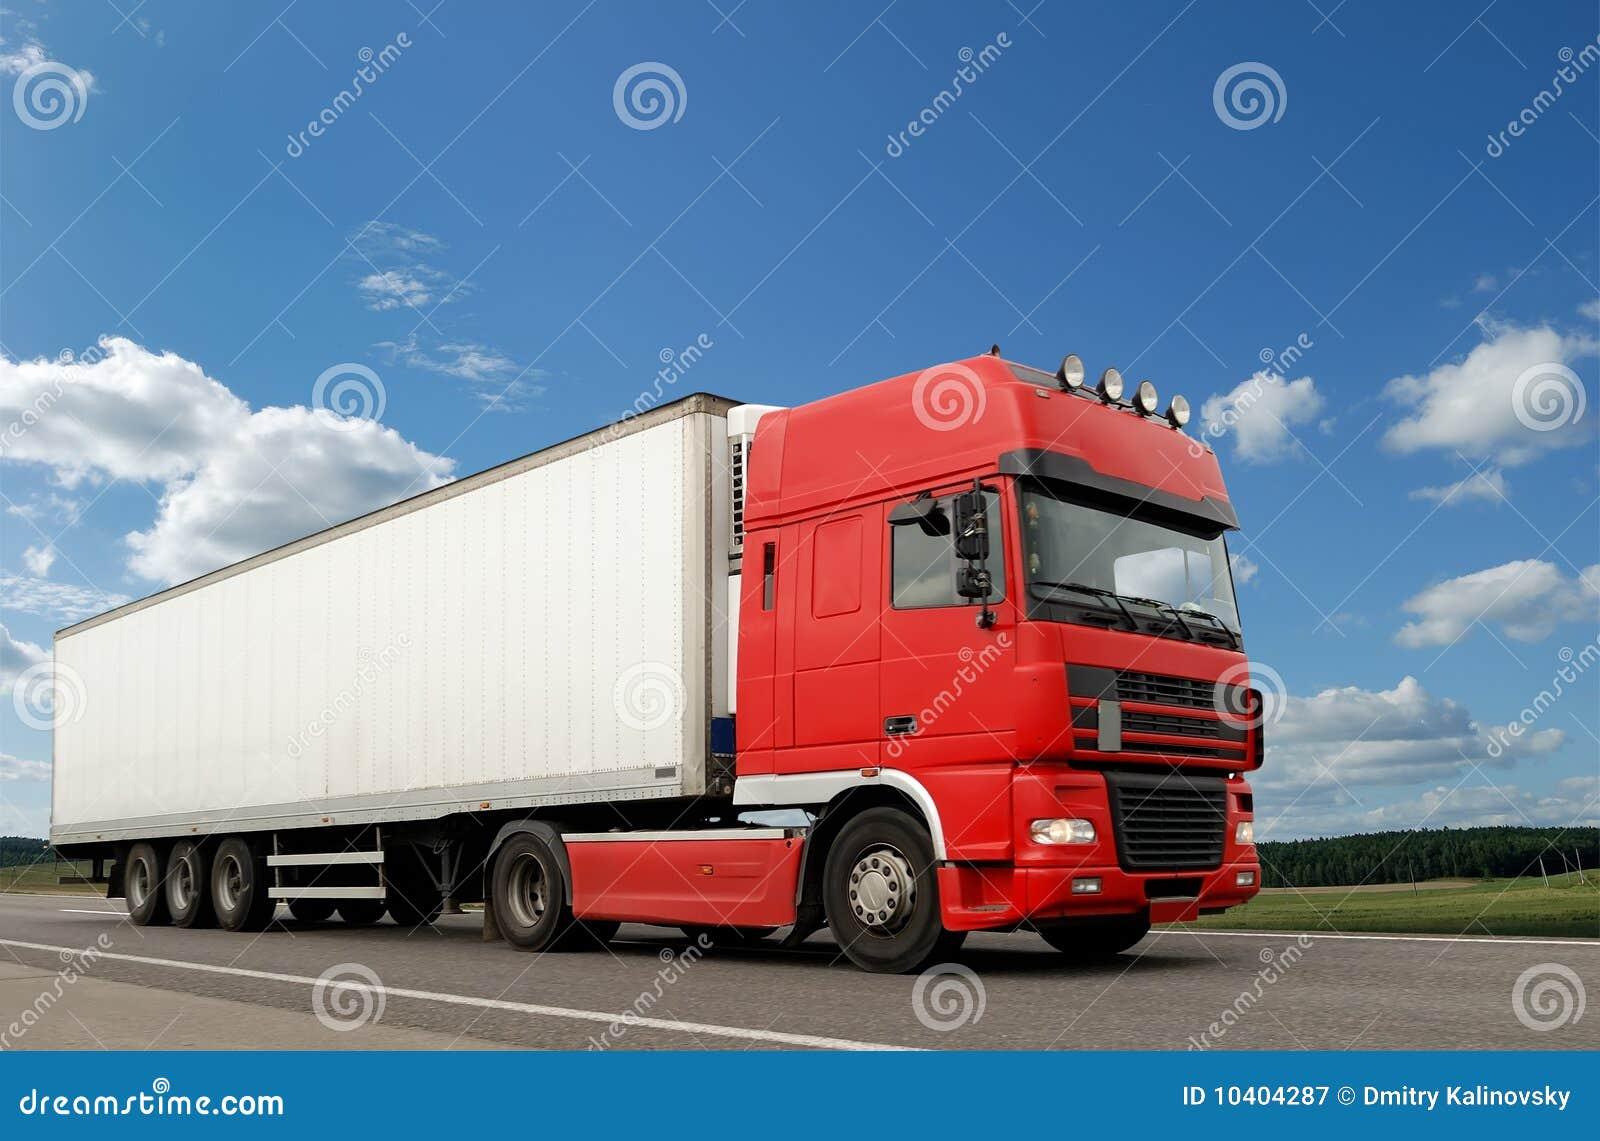 camion rouge avec la remorque blanche au dessus du ciel bleu image stock image 10404287. Black Bedroom Furniture Sets. Home Design Ideas